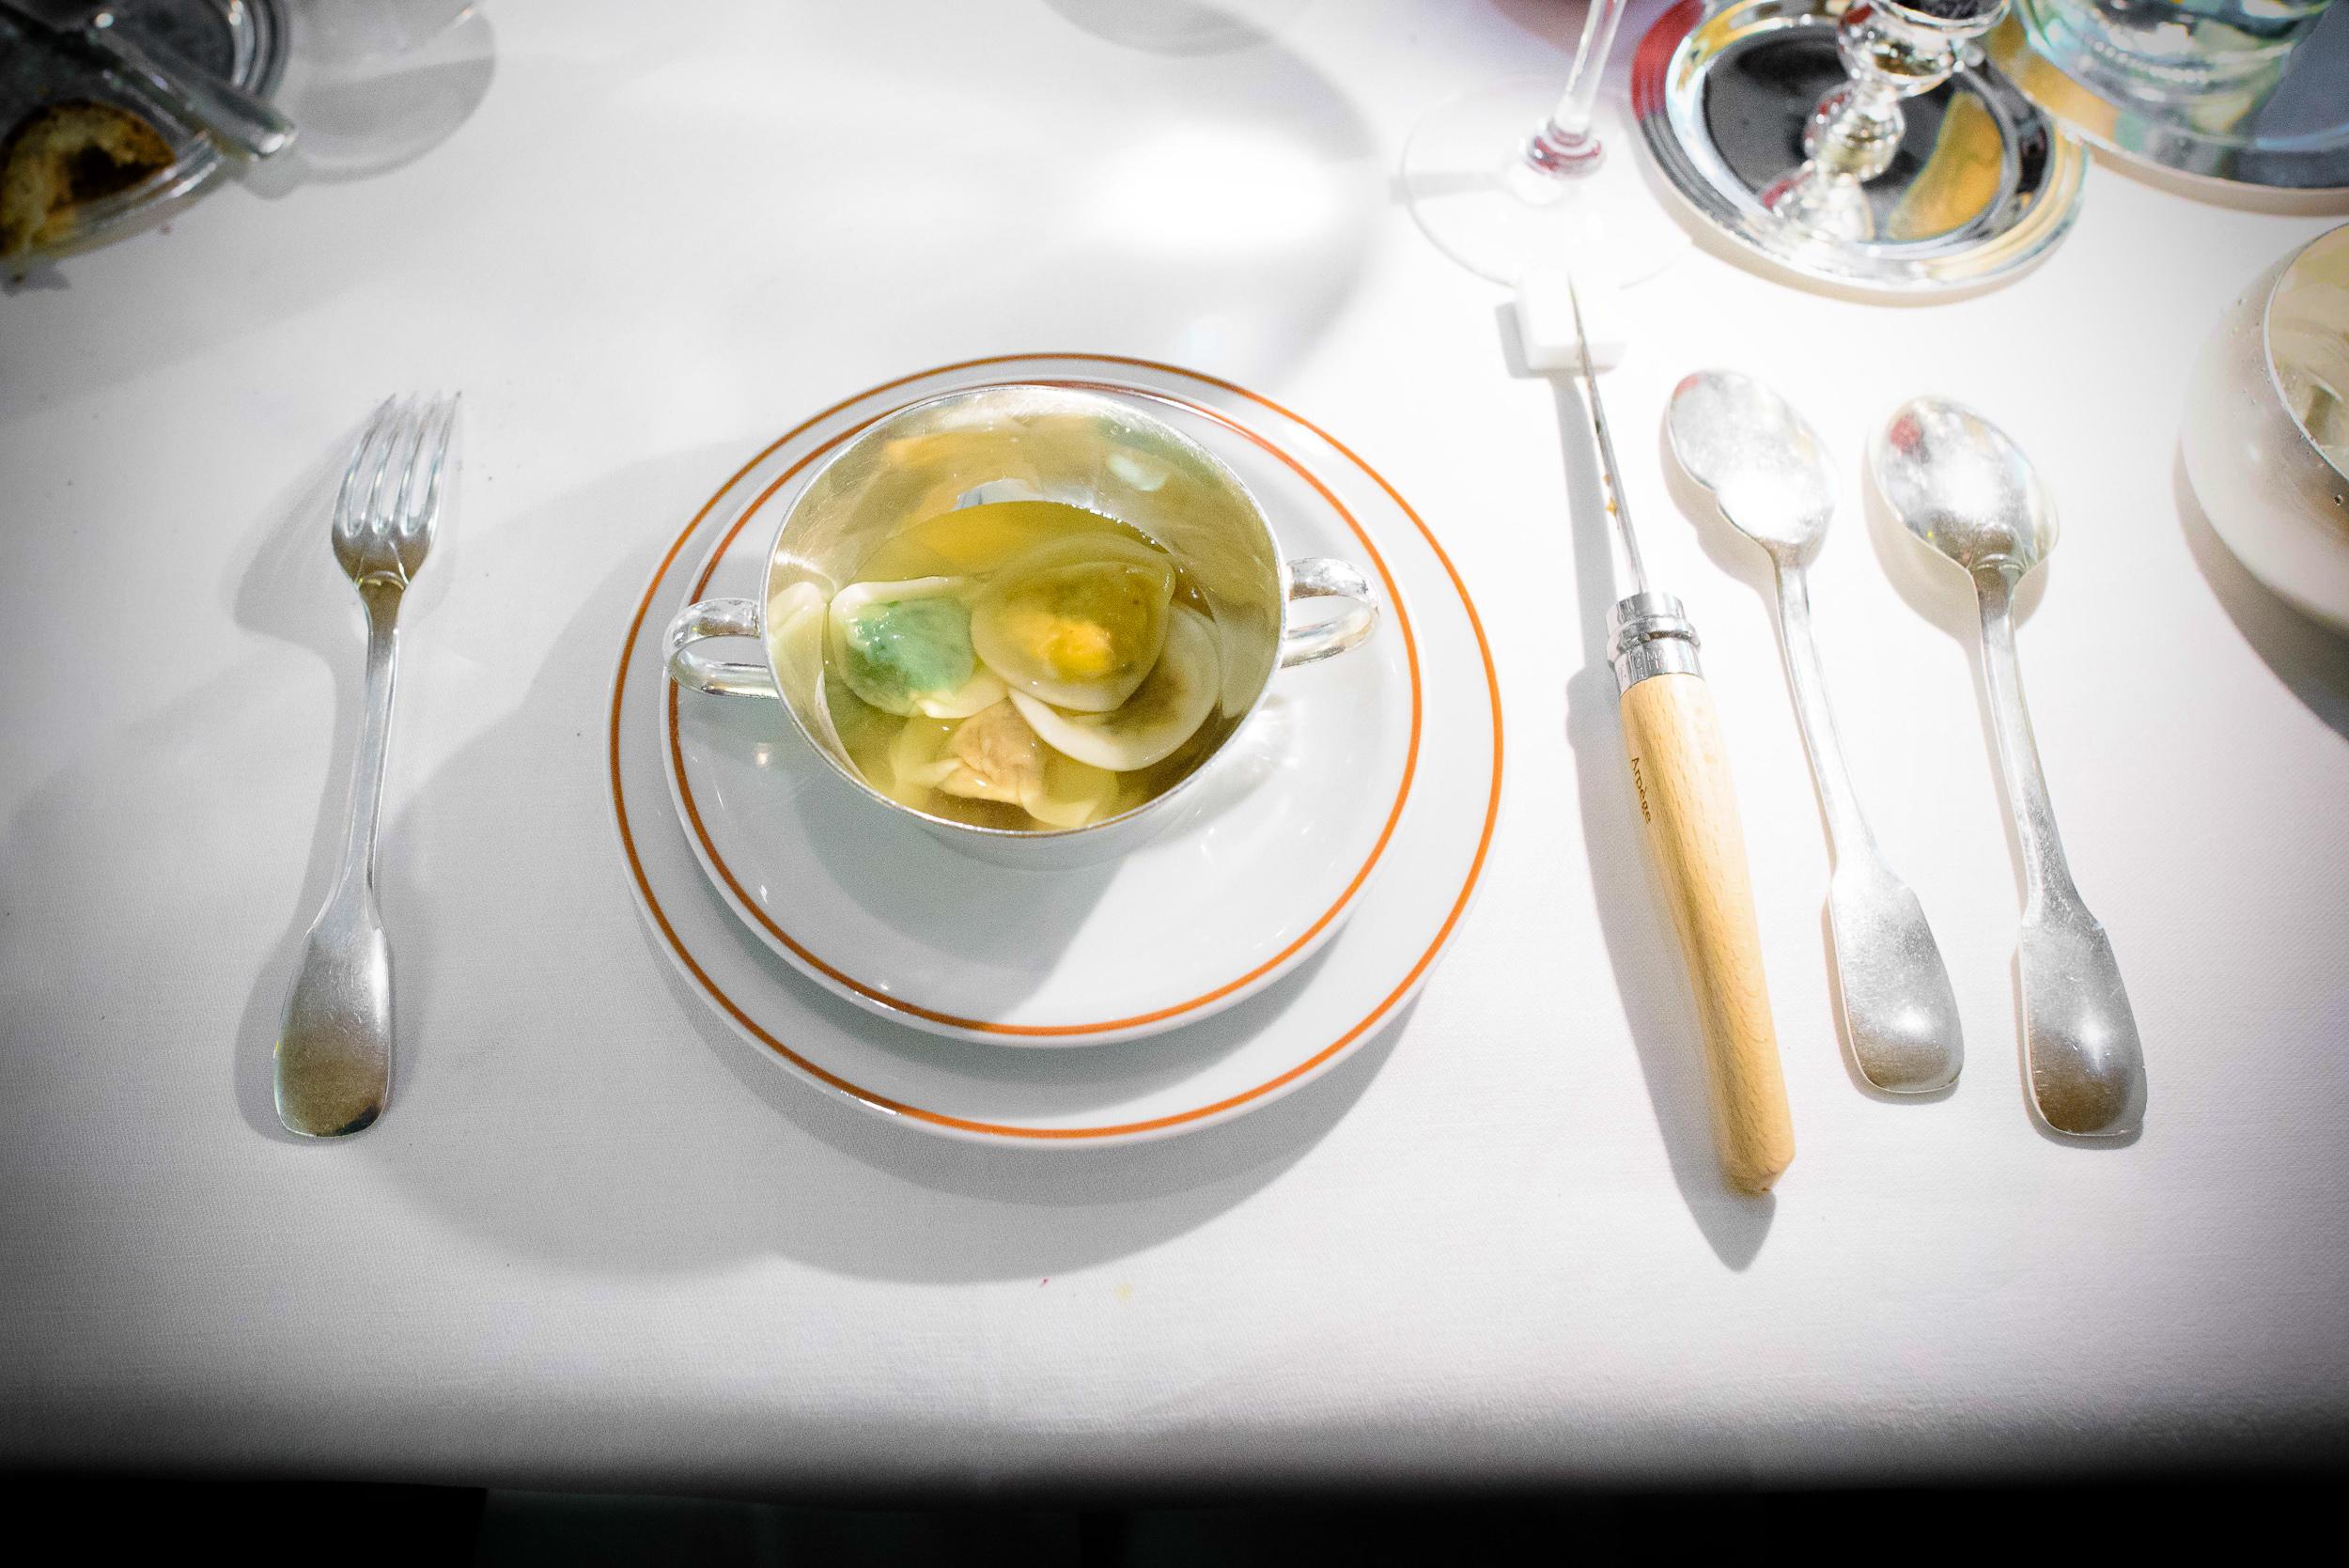 10th Course: Fines raviolis potagères multicolores, consommé v